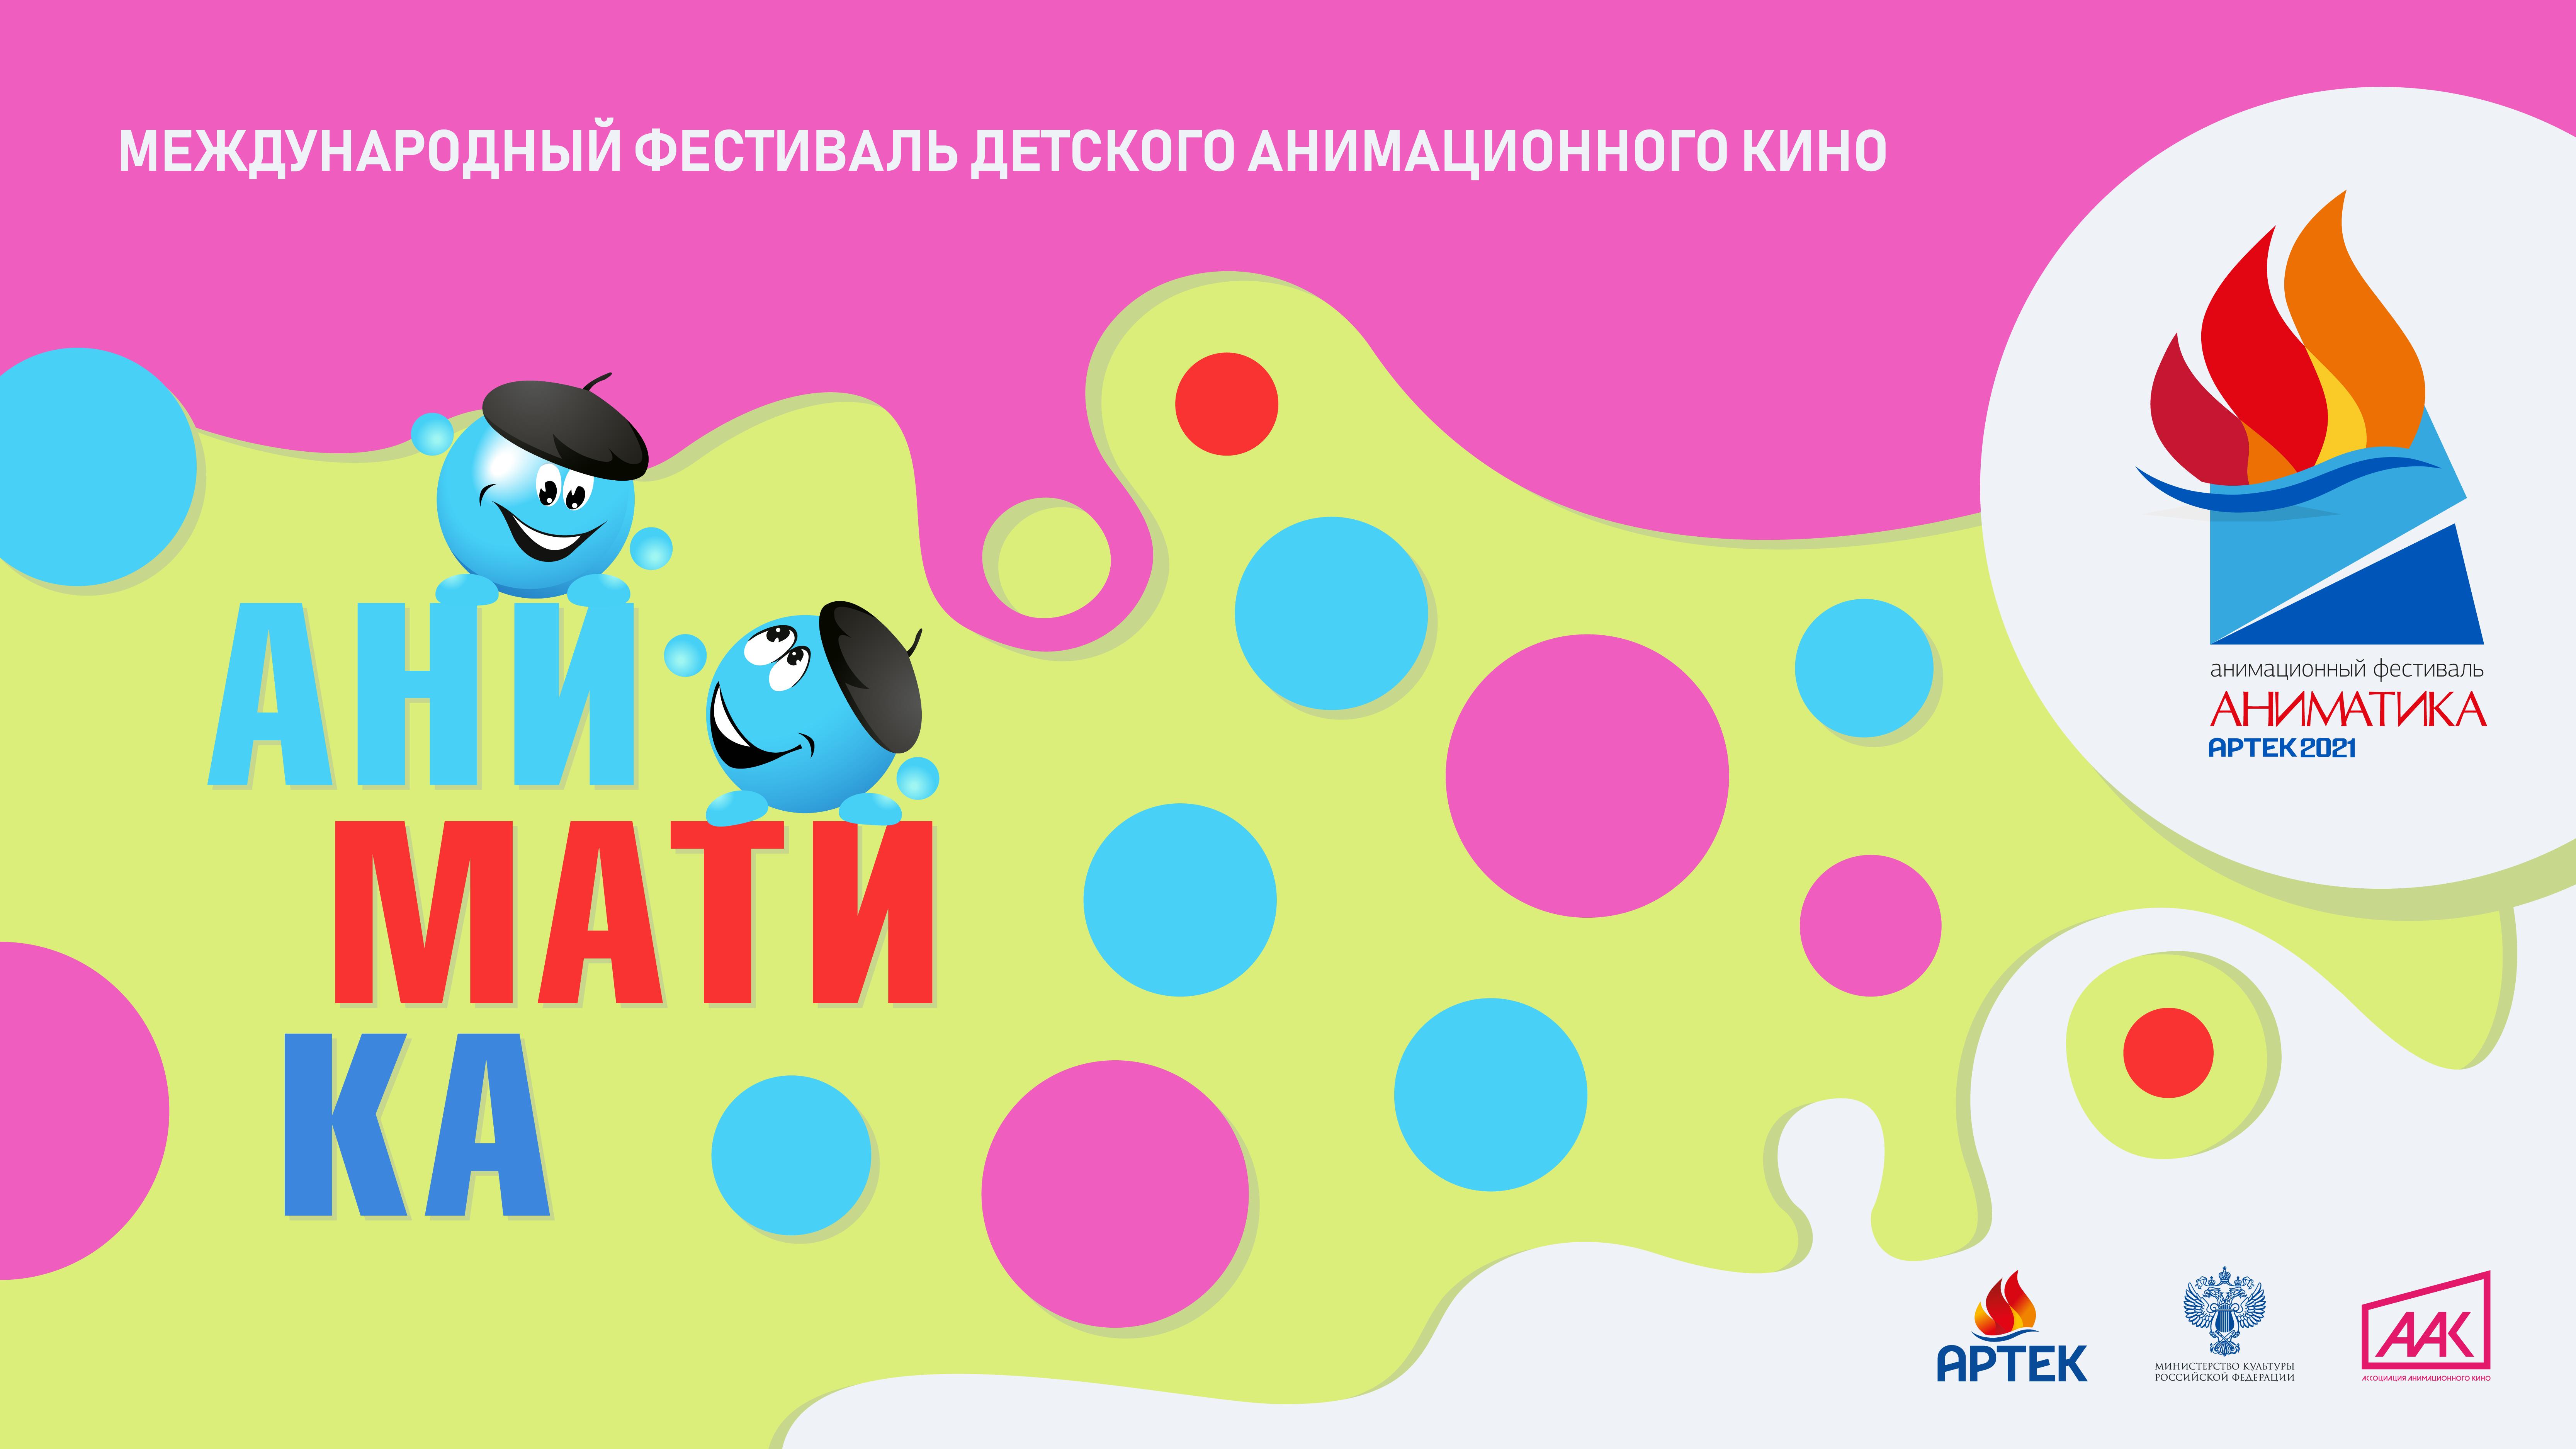 «Эхо Аниматики» идет в регионы, а детские мультфильмы будут размещены на социальной платформе авторской анимации